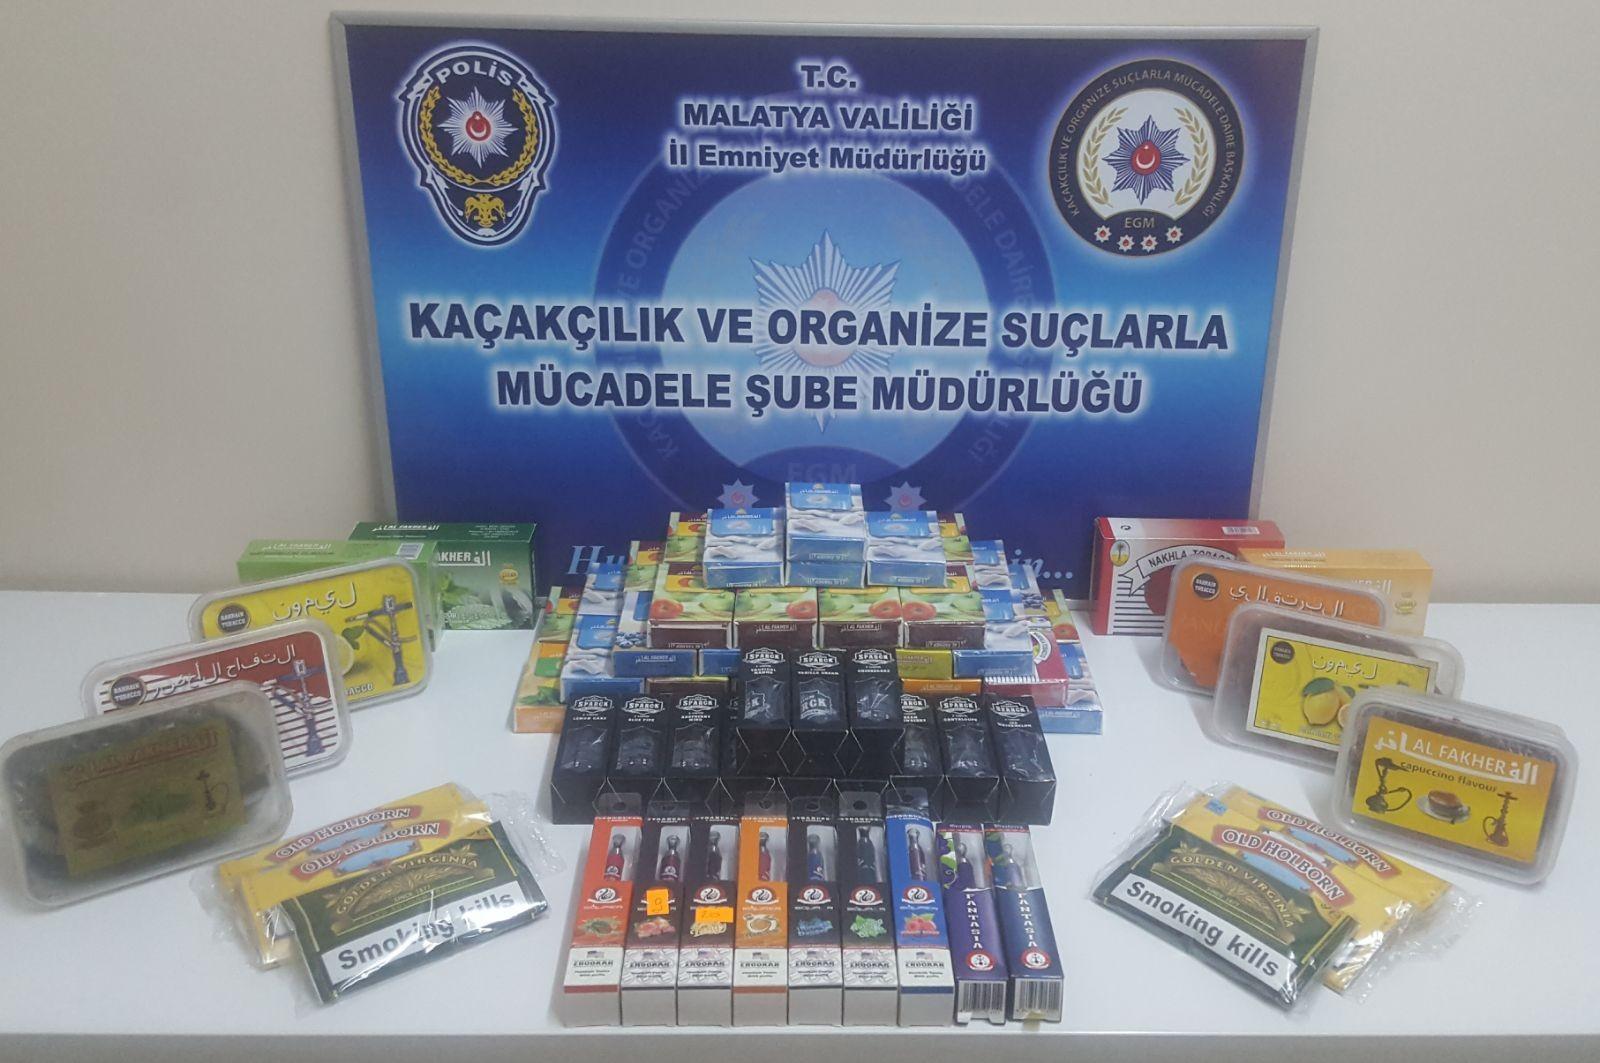 MALATYA POLİSİ KAÇAKÇILARA GÖZ AÇTIRMIYOR